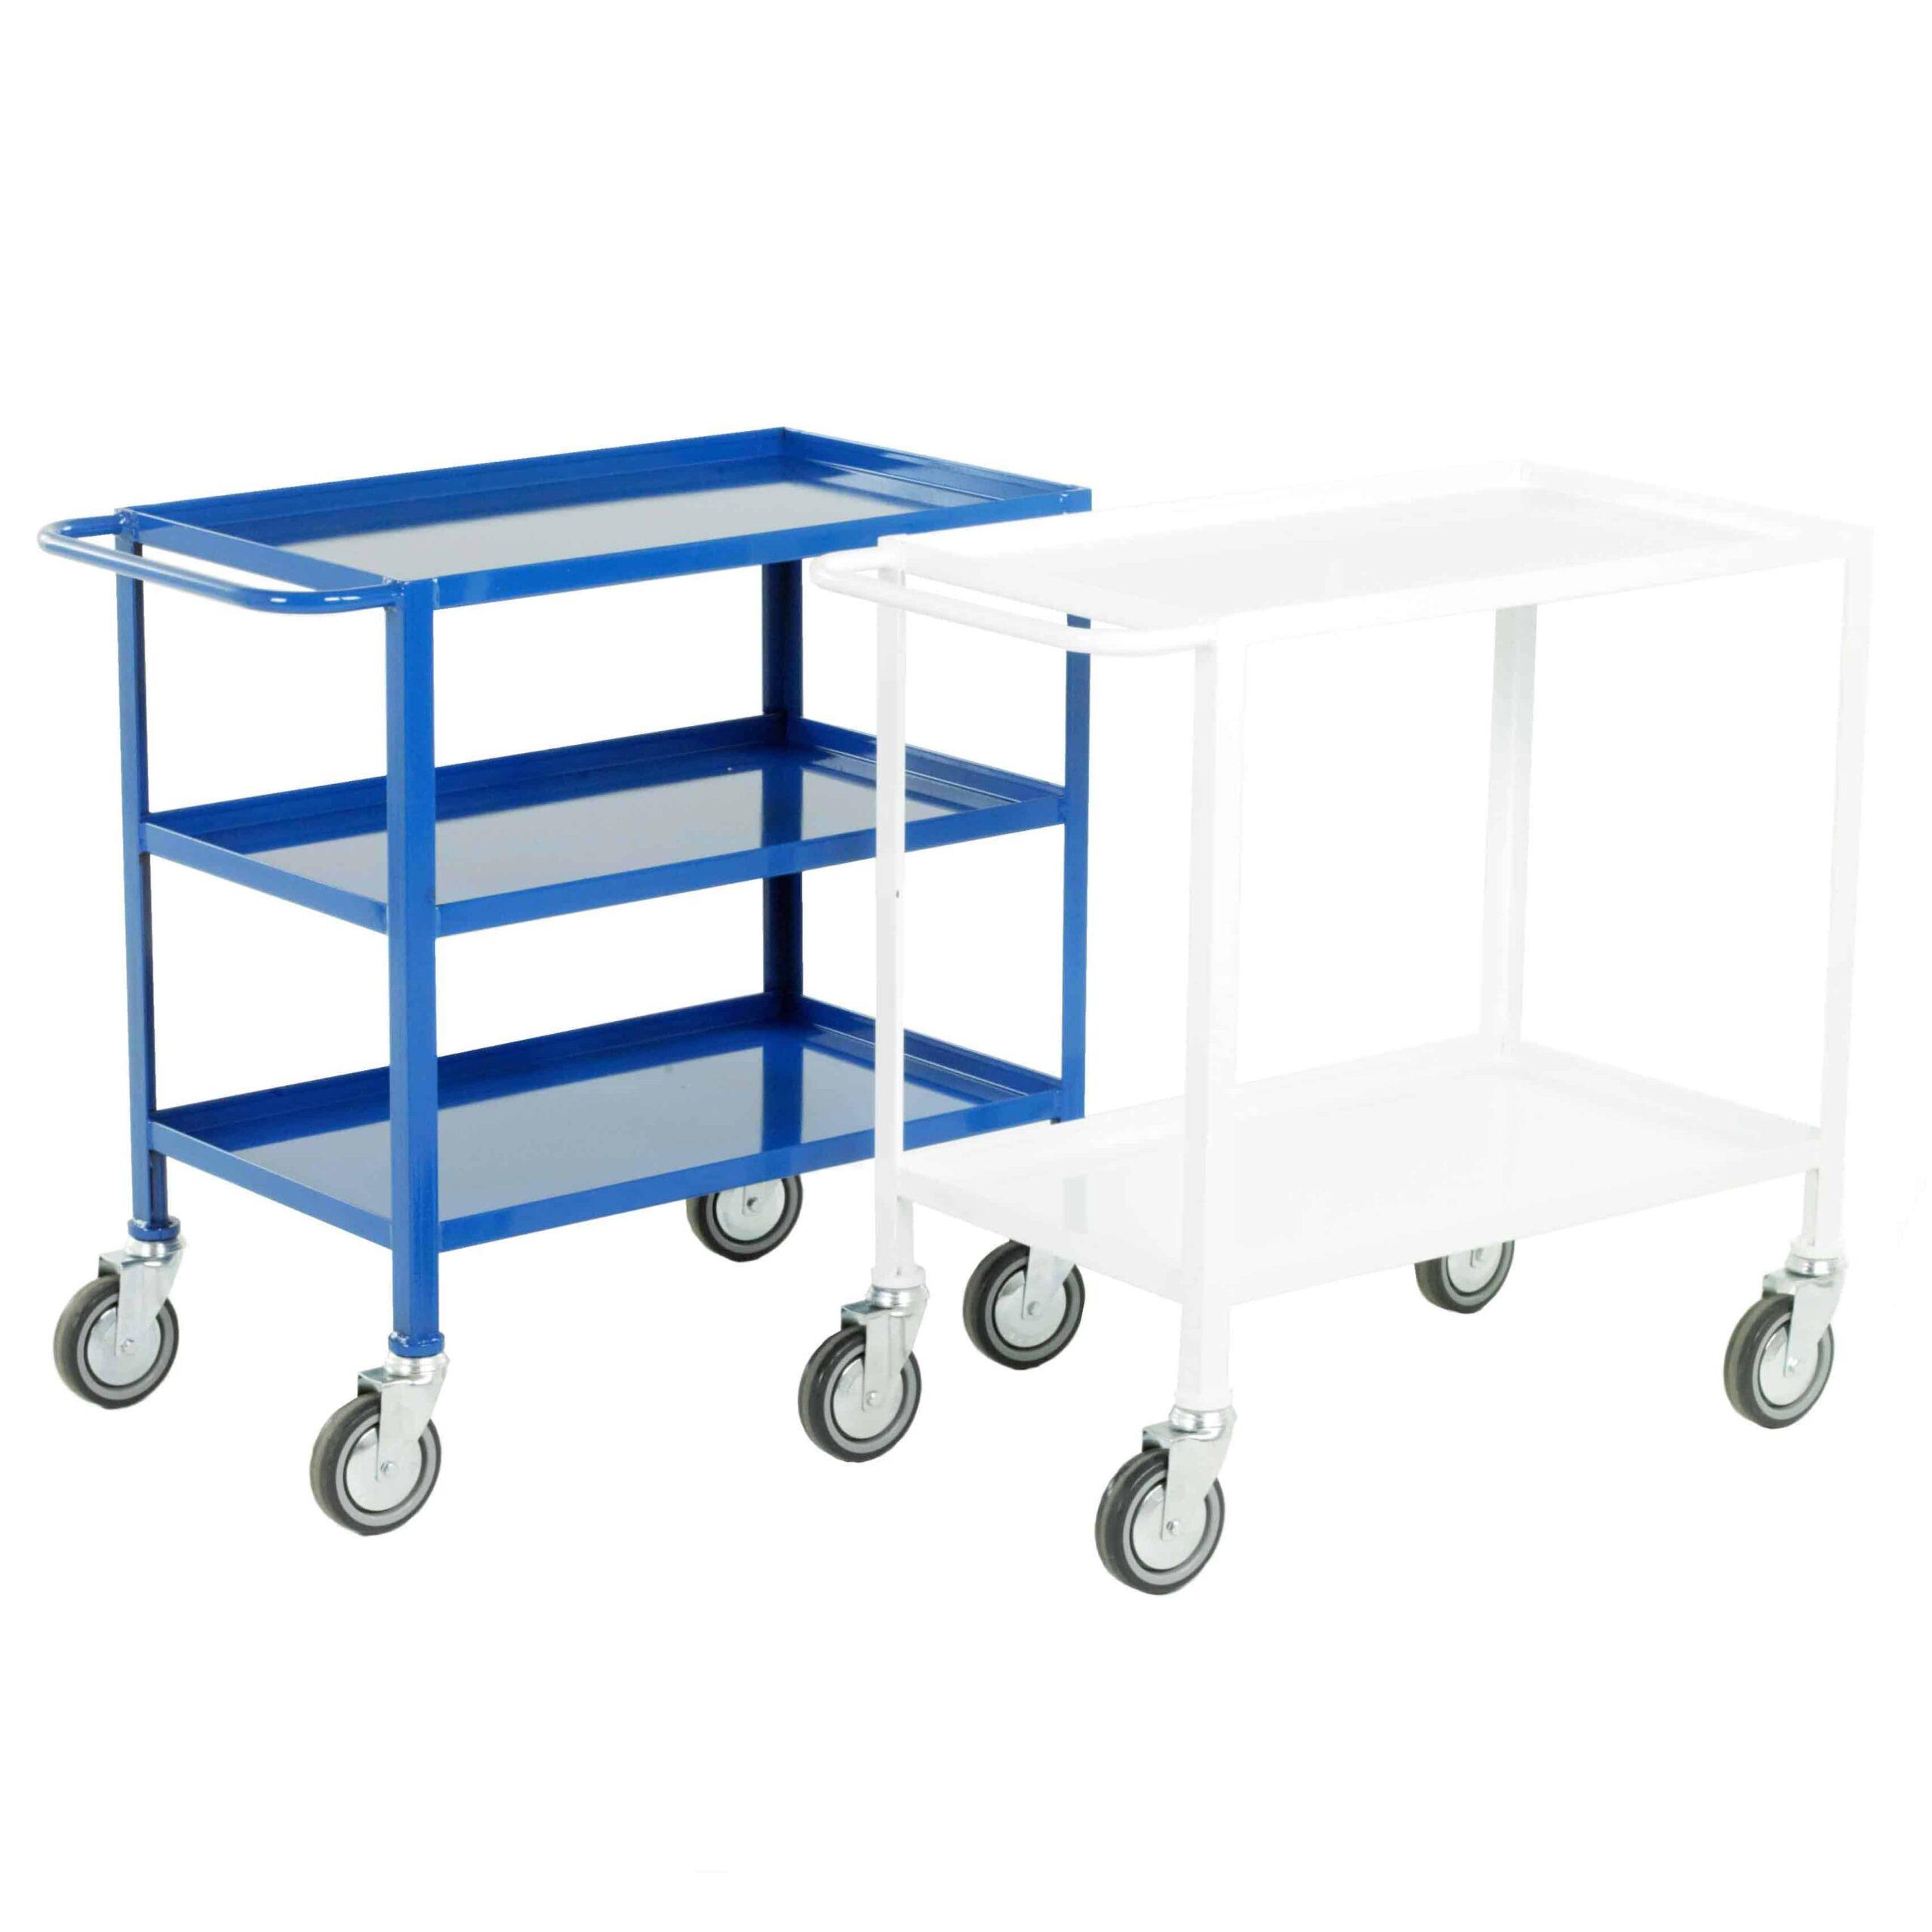 Low Cost Light Duty Fixed Steel Tray Trolleys